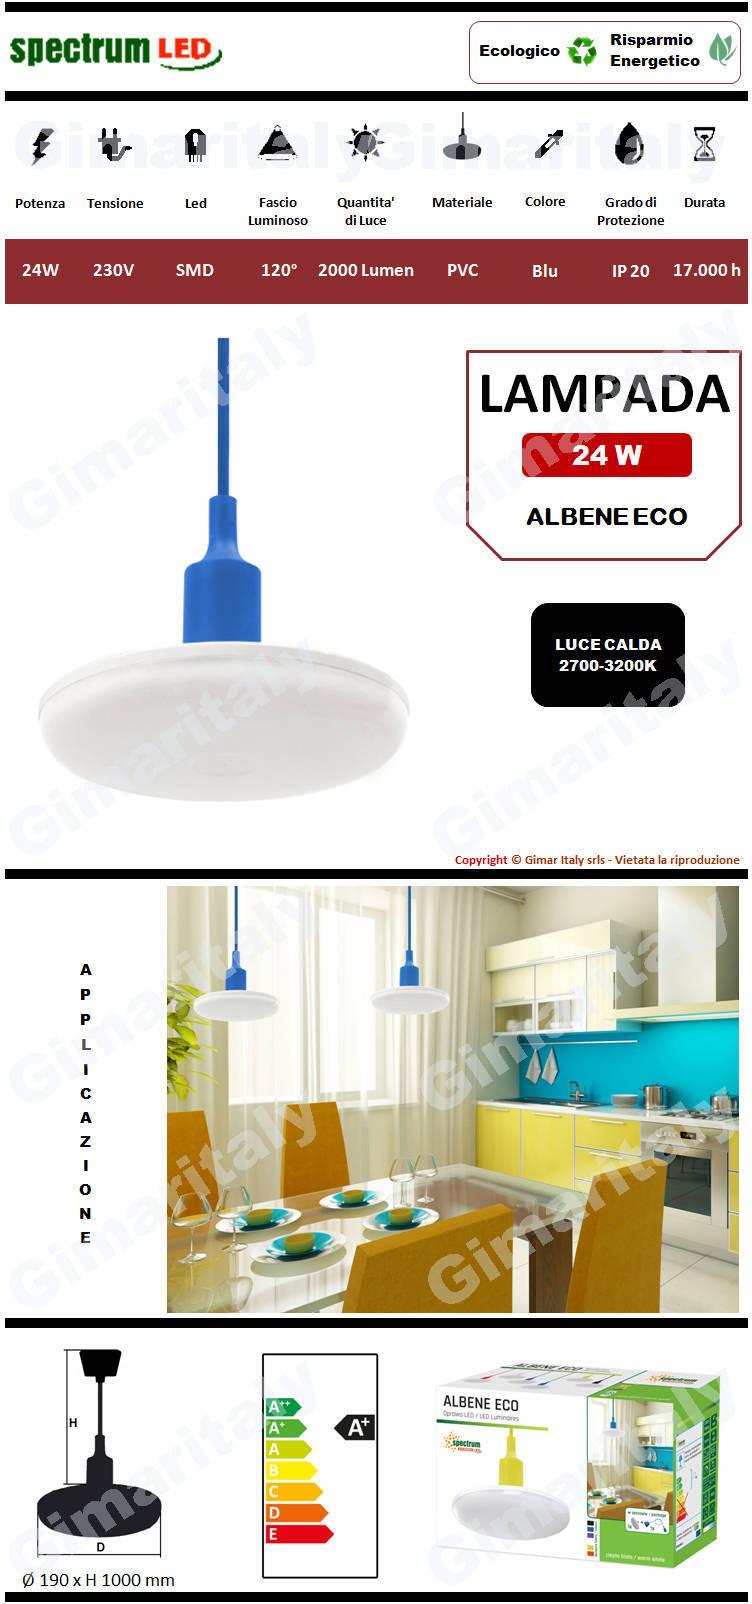 Lampadario Sospensione Led 24W Blu luce calda Spectrum